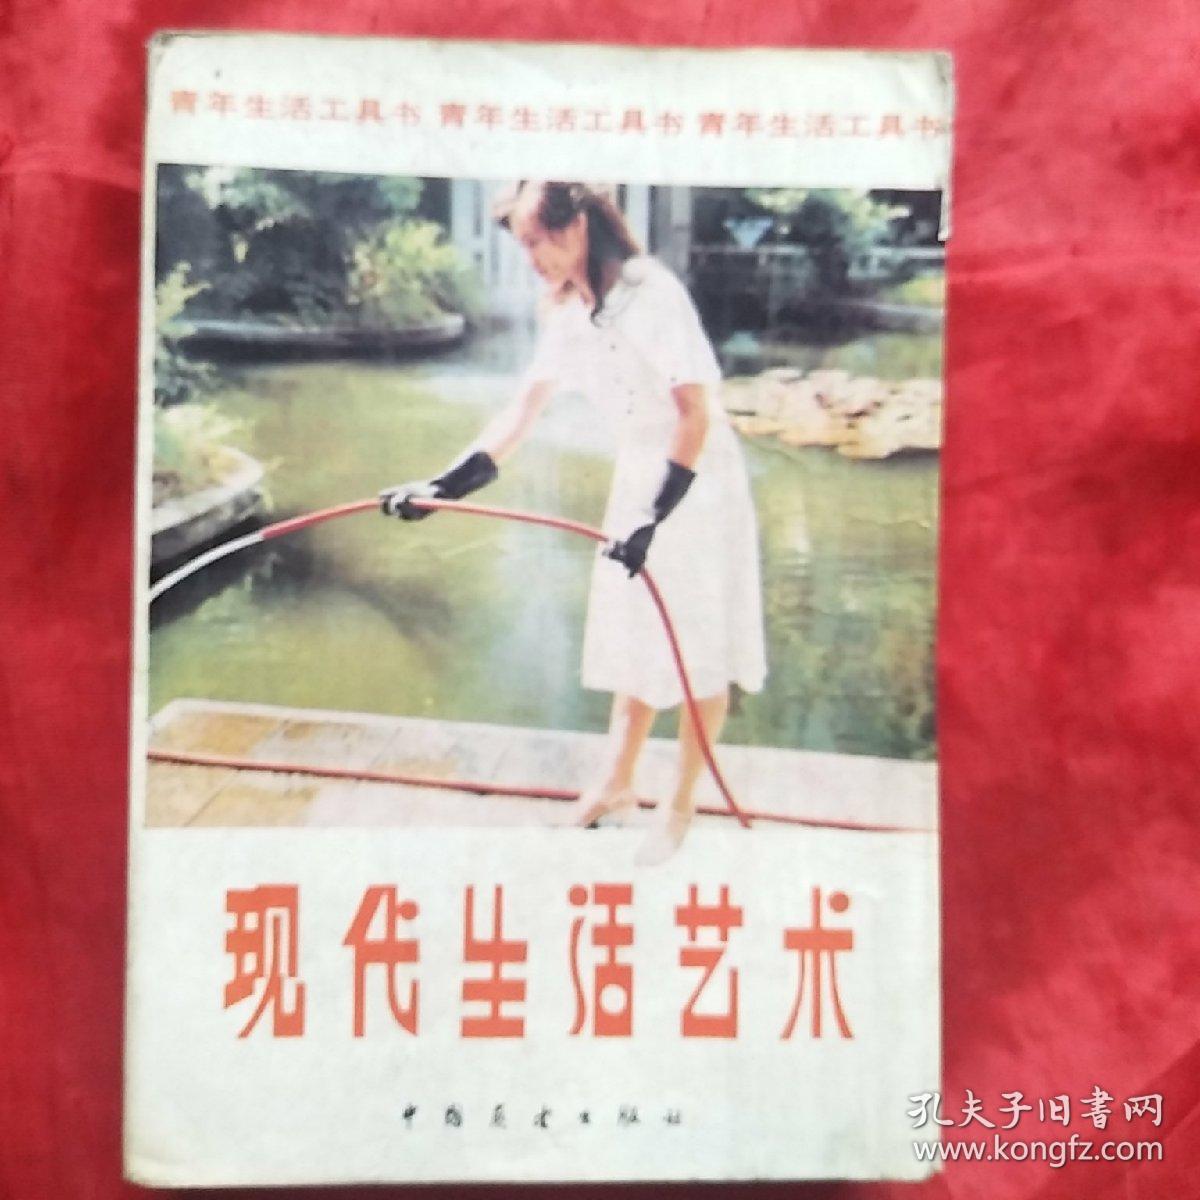 新家庭手册(封面后做),男子生活风采大全,怀孕分娩育儿百科全书,轻松